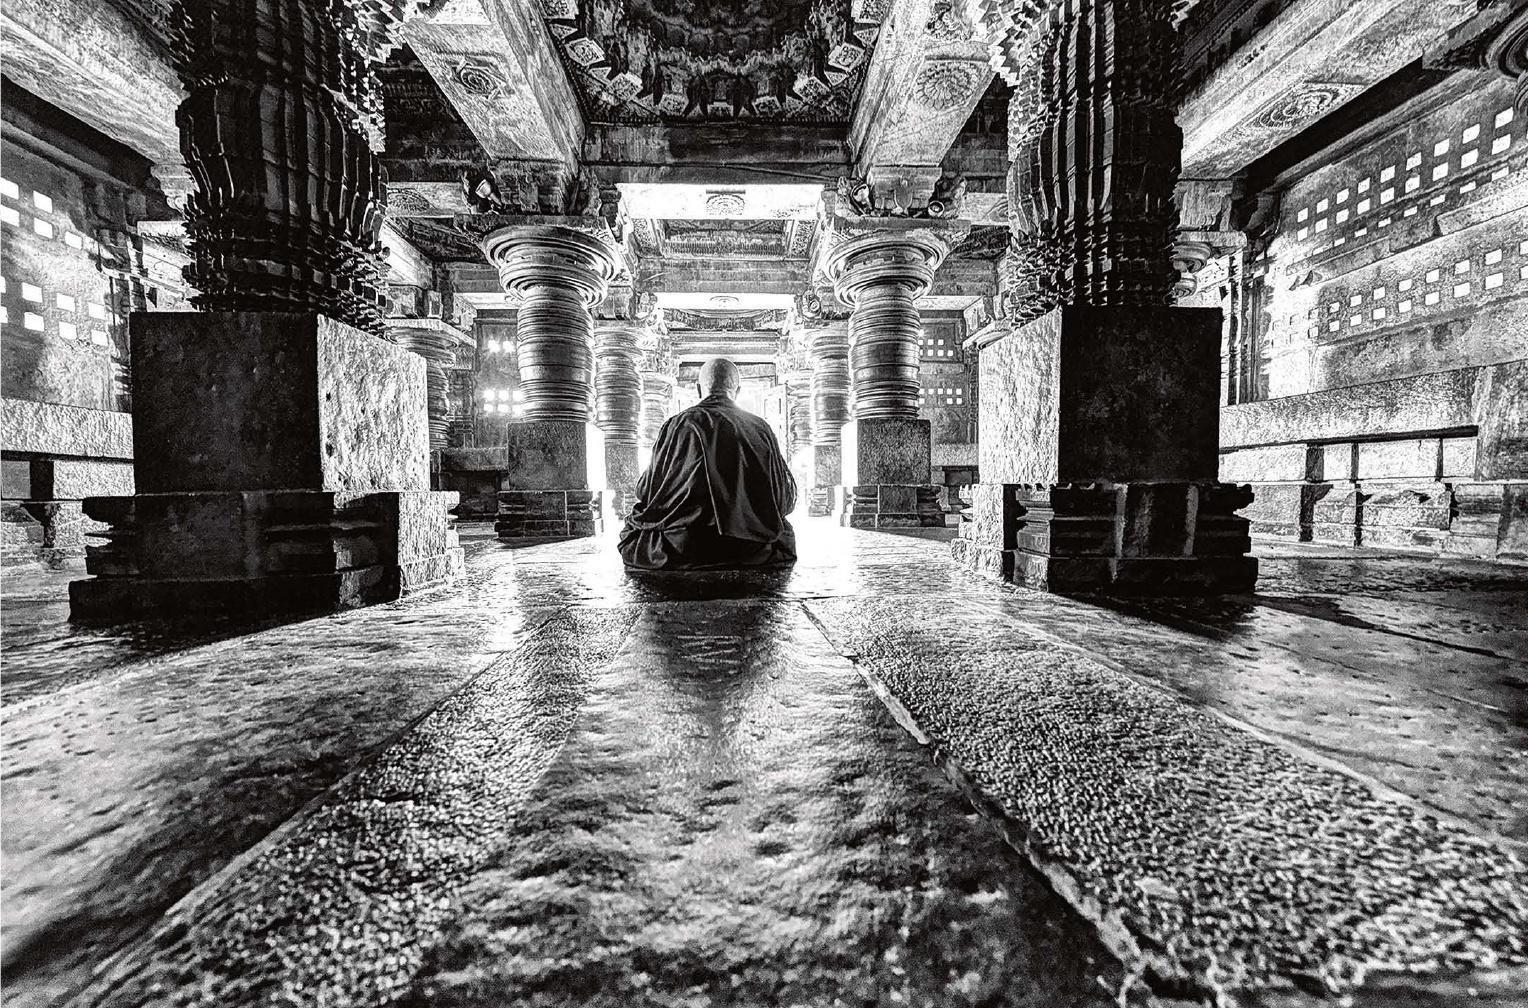 ALEXIS CAMPION « Contemplation », Rencontres de la photographie d'Arles à partir du 2 juillet.